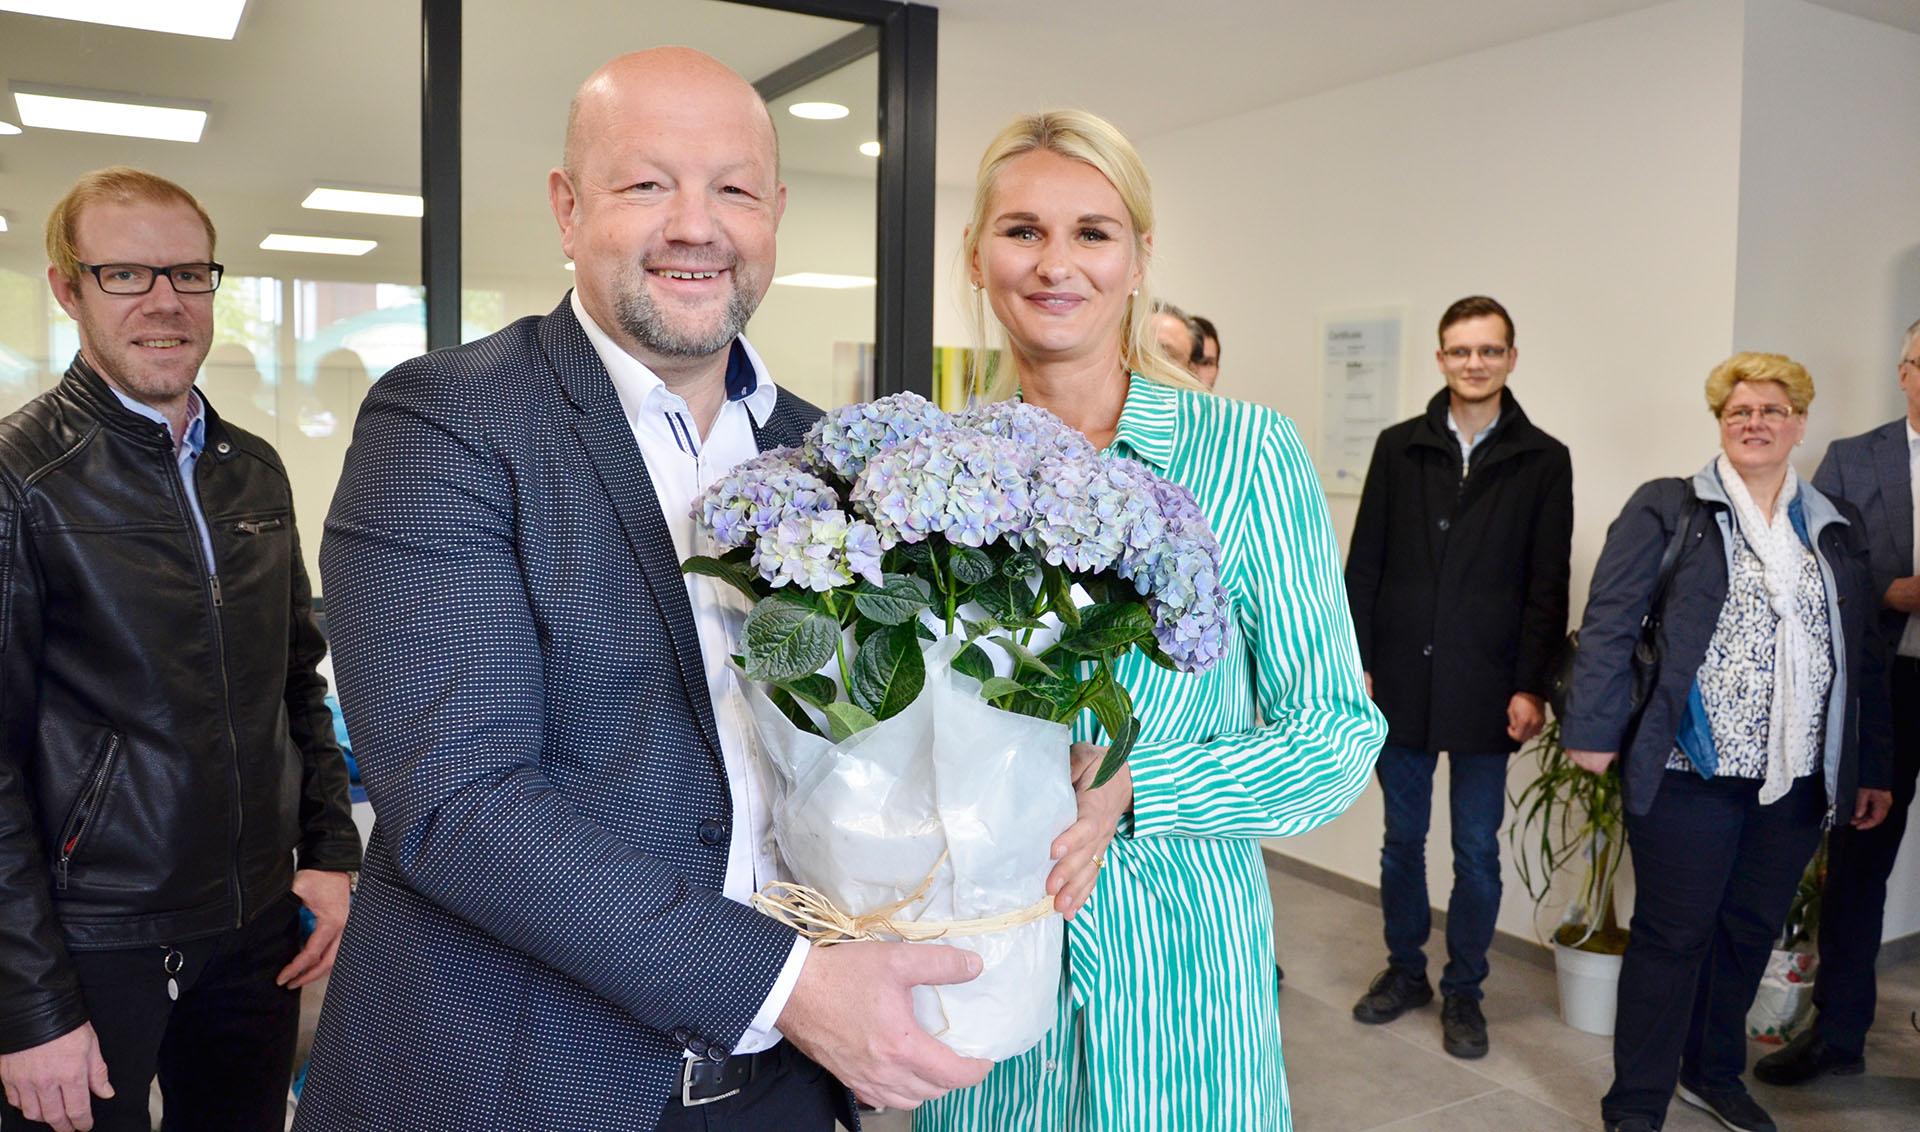 Der Bürgermeister der Stadt Greiz, Alexander Schulze, wünscht Dr. Anna-Maria Nagel alles Gute für den Firmenstart auf dem Greizer Reißberg.